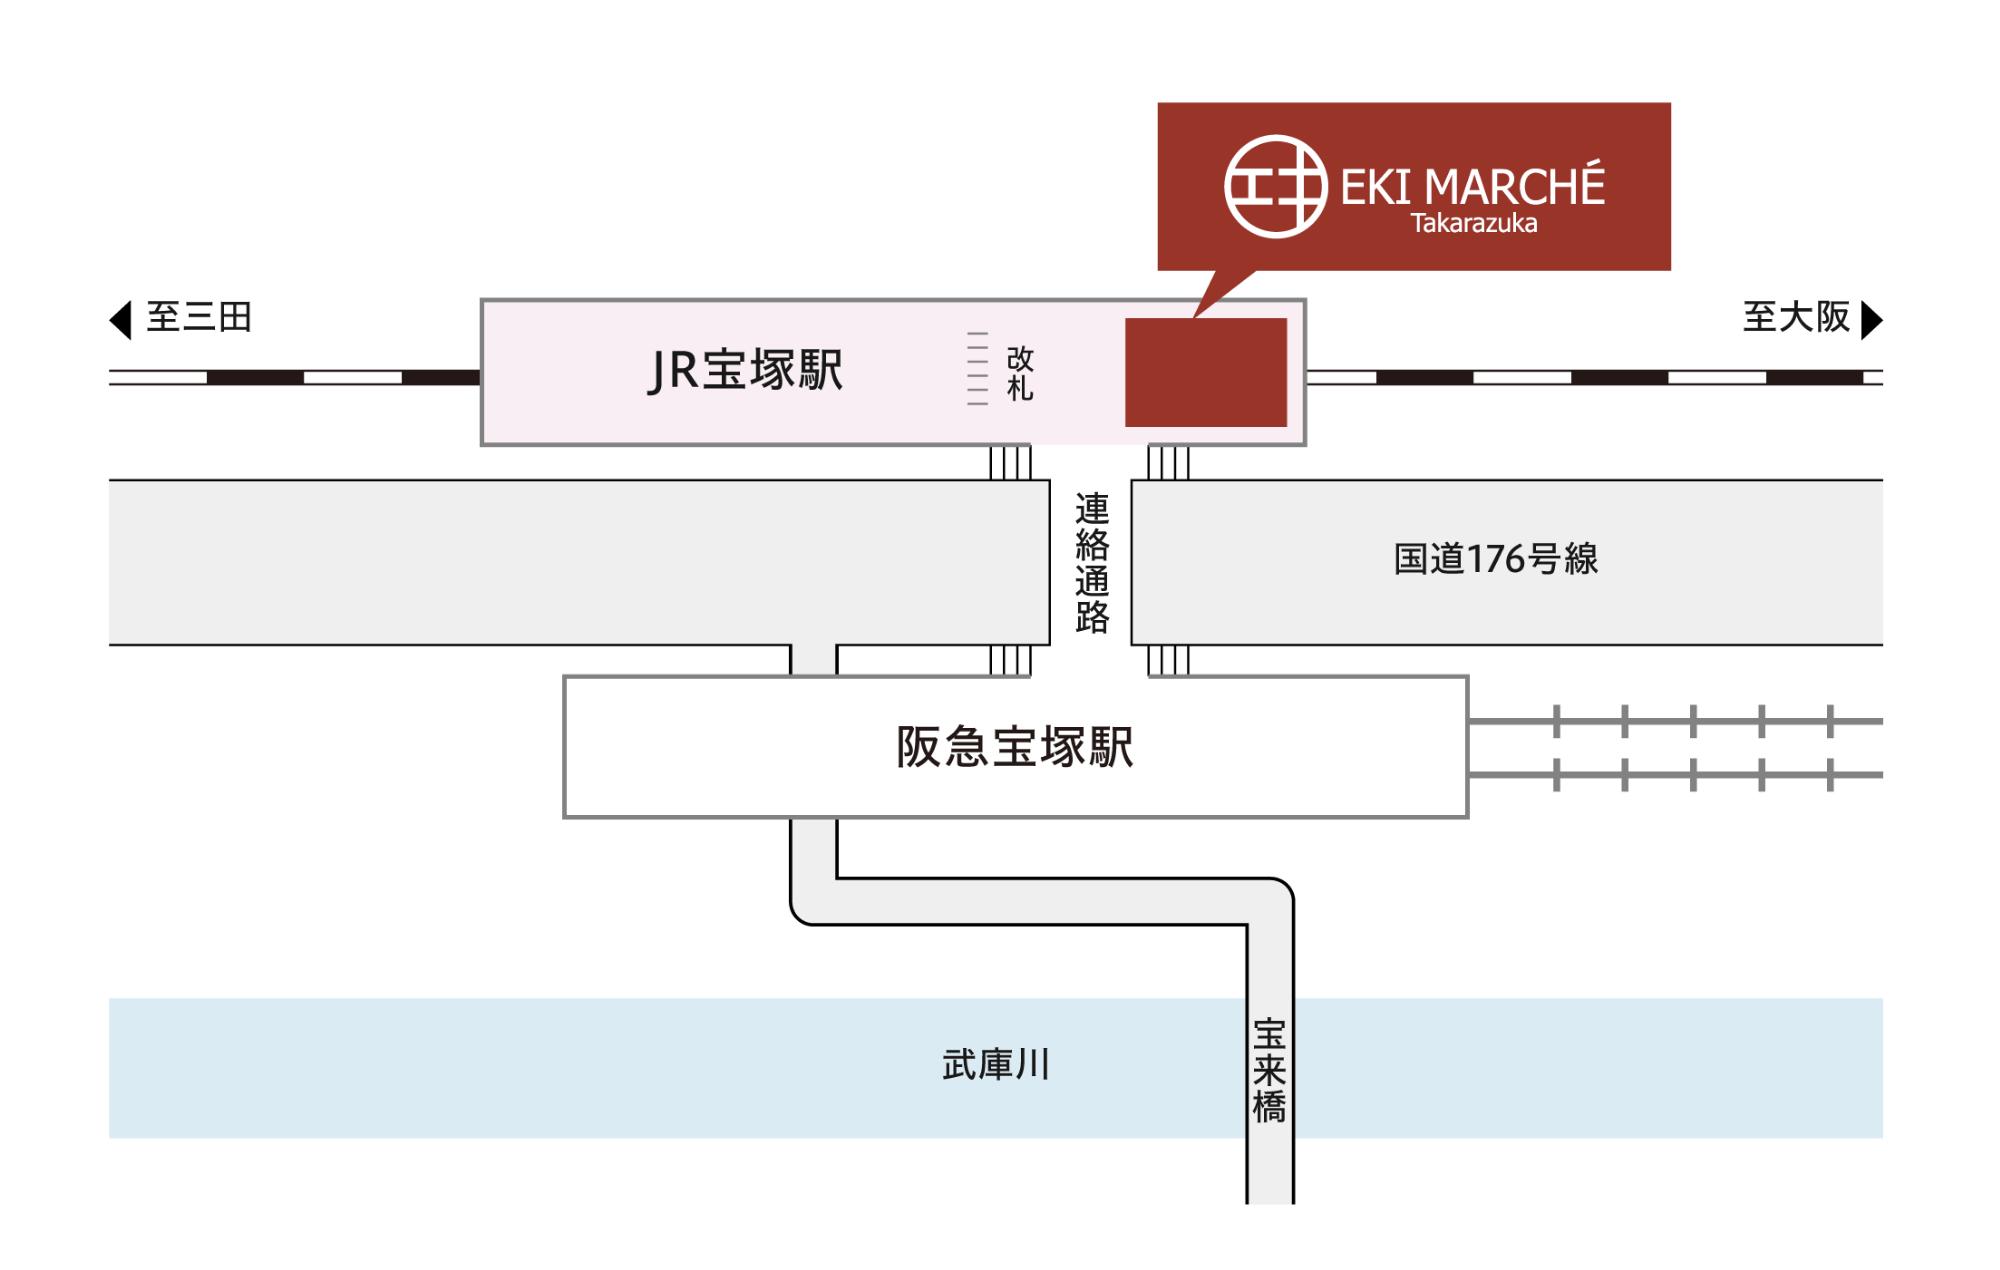 エキマルシェ宝塚地図